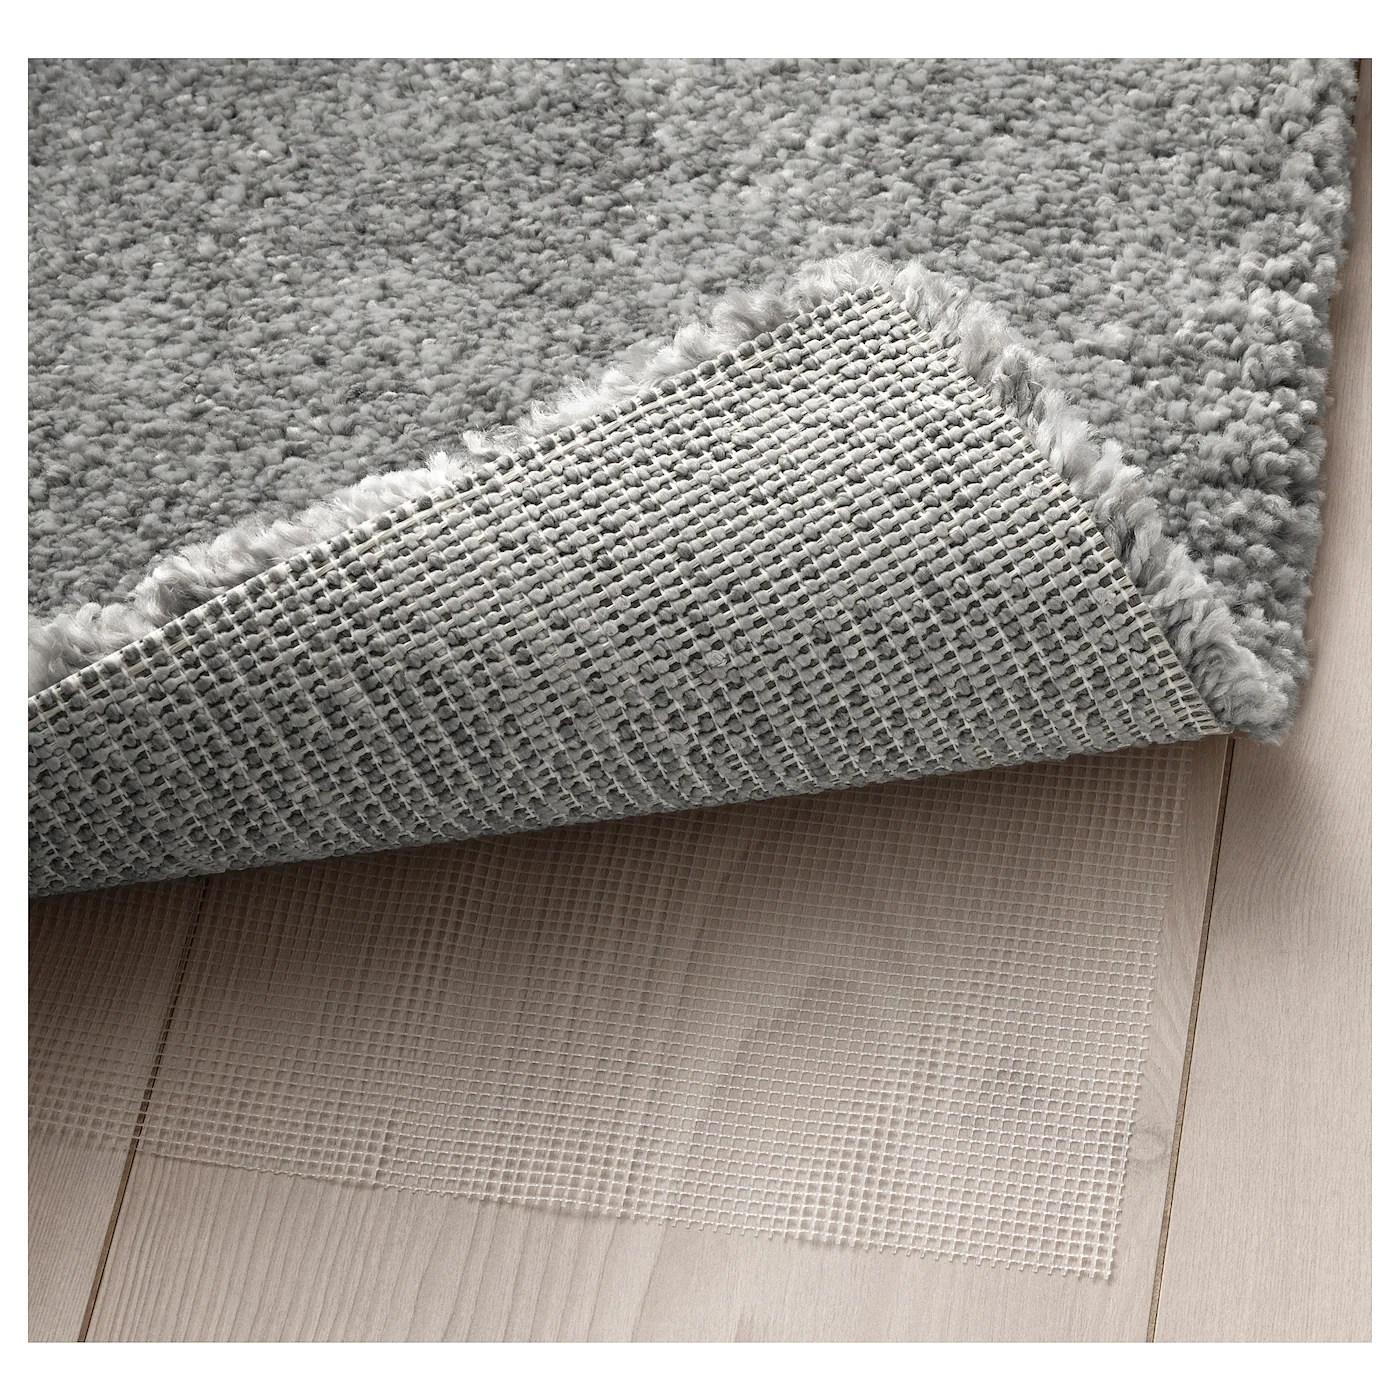 stoense tapis poils ras gris moyen 200x300 cm